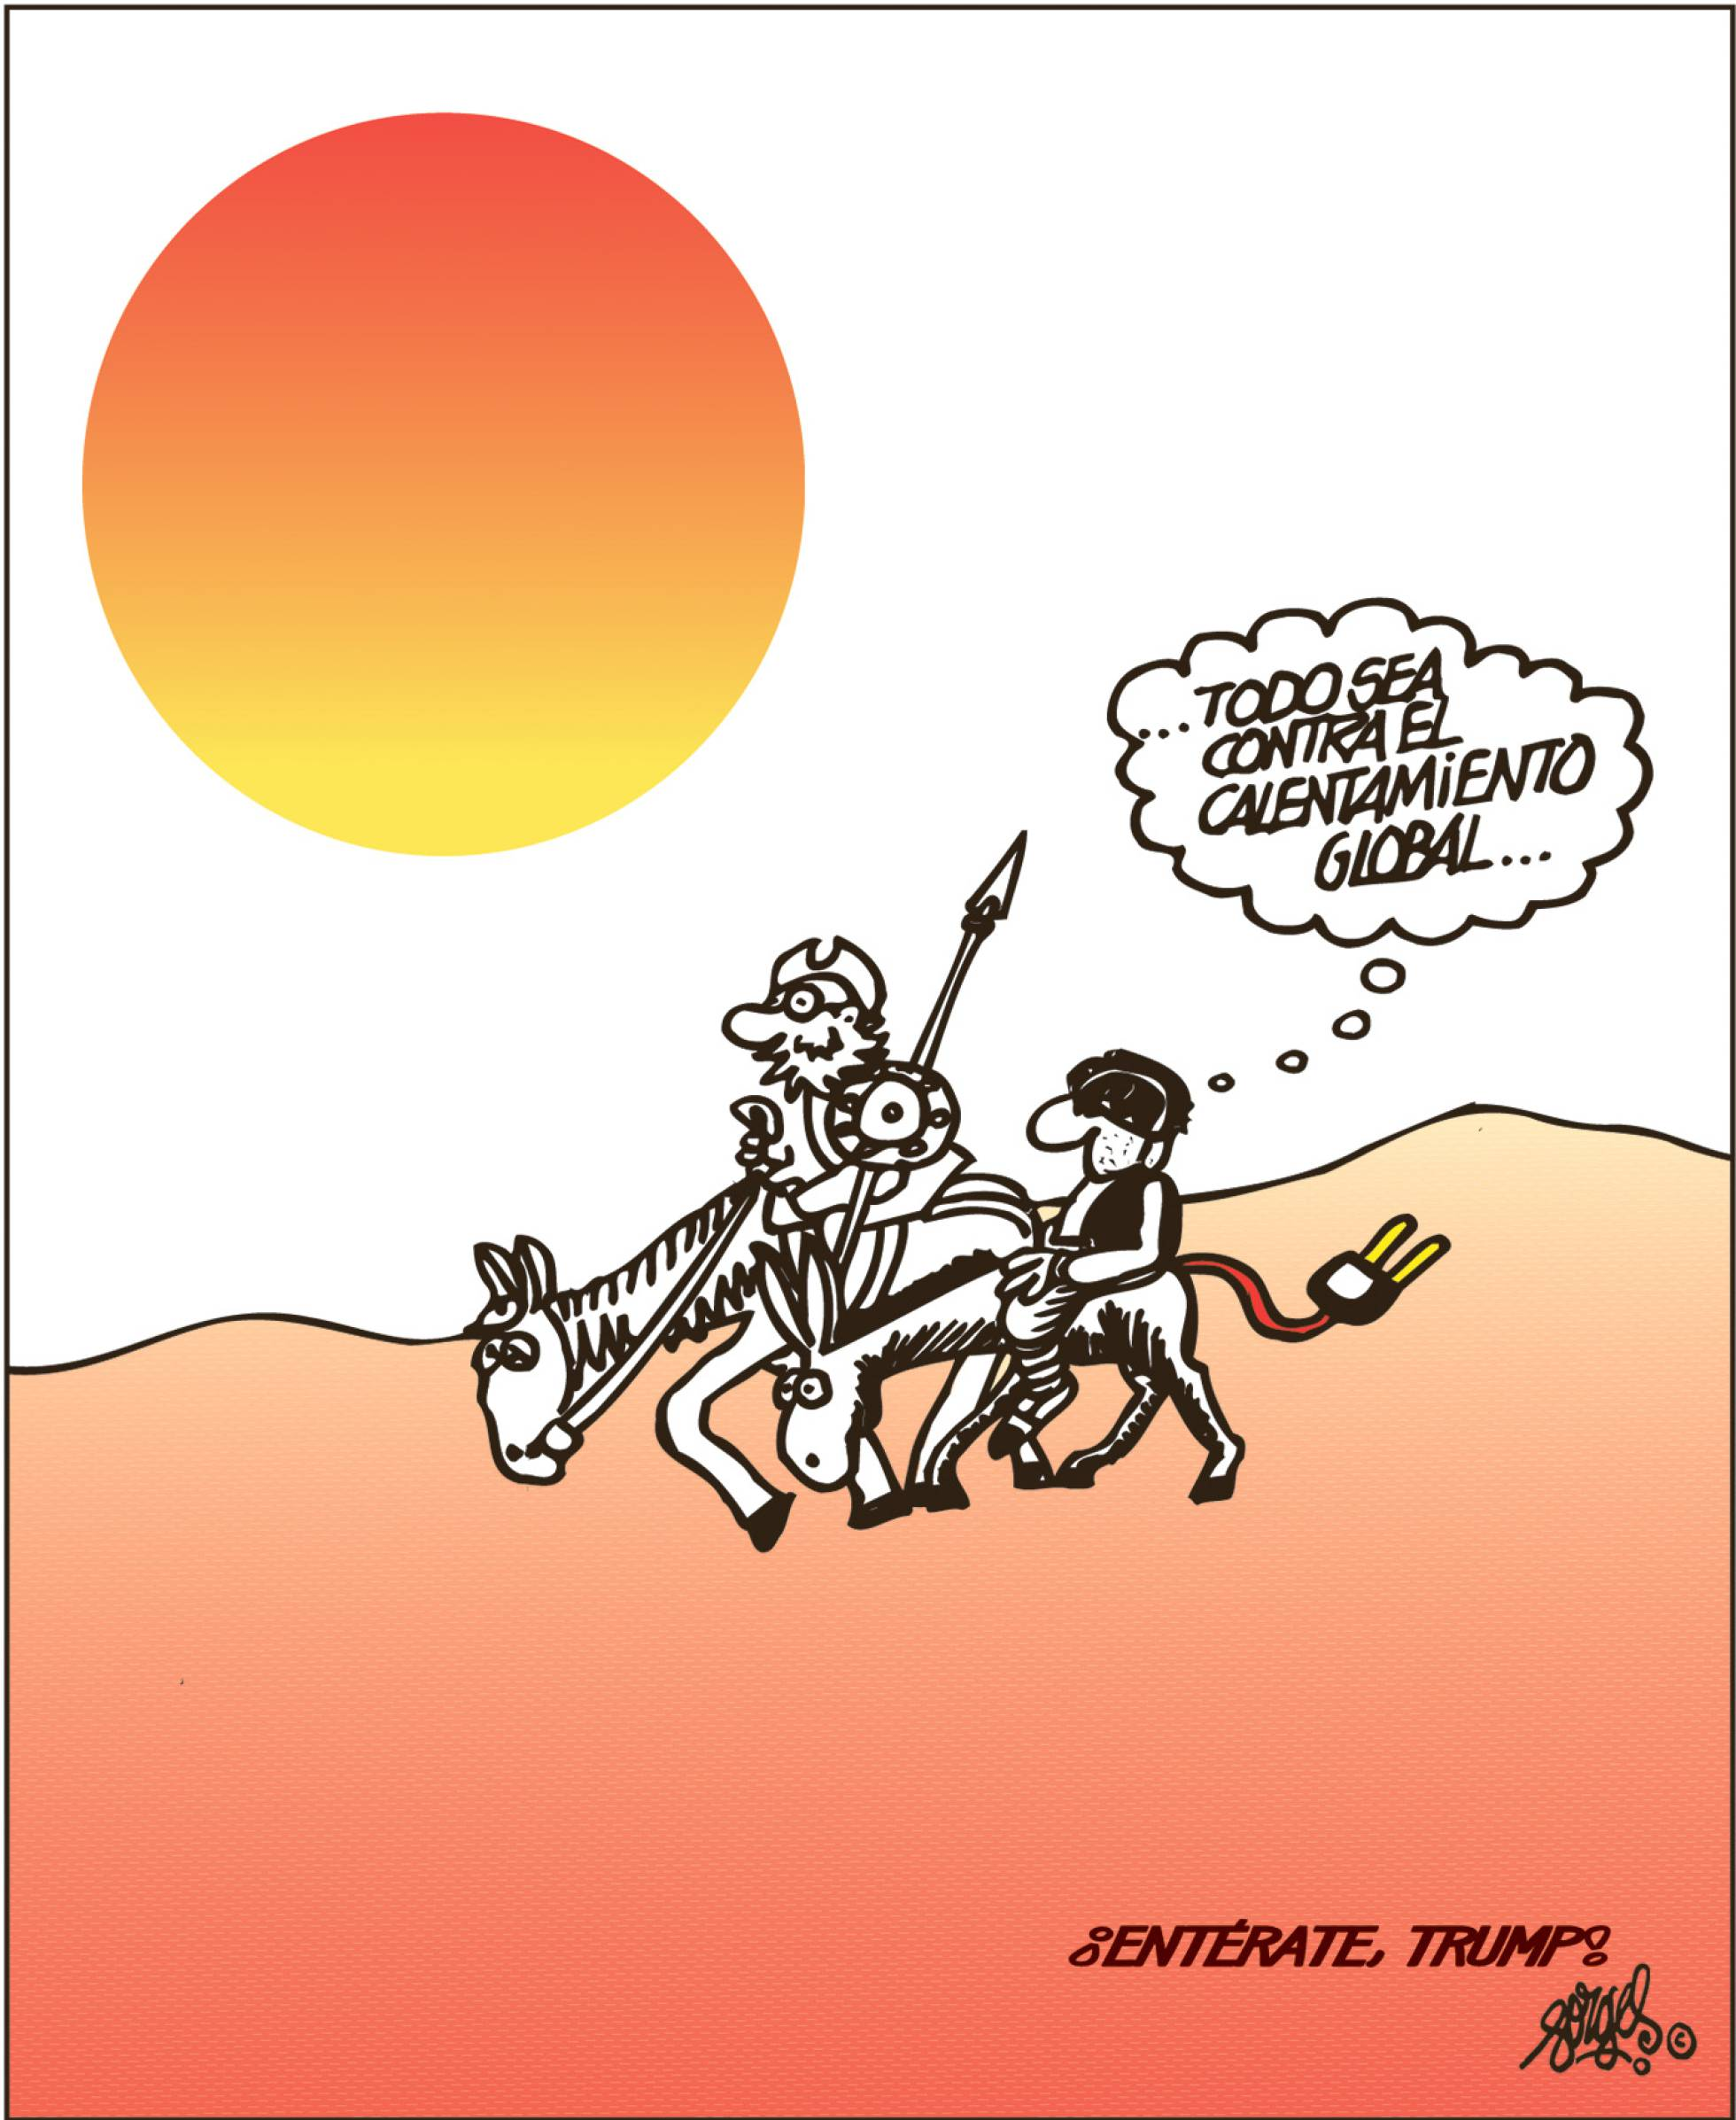 Forges, El País, 07/06/2017